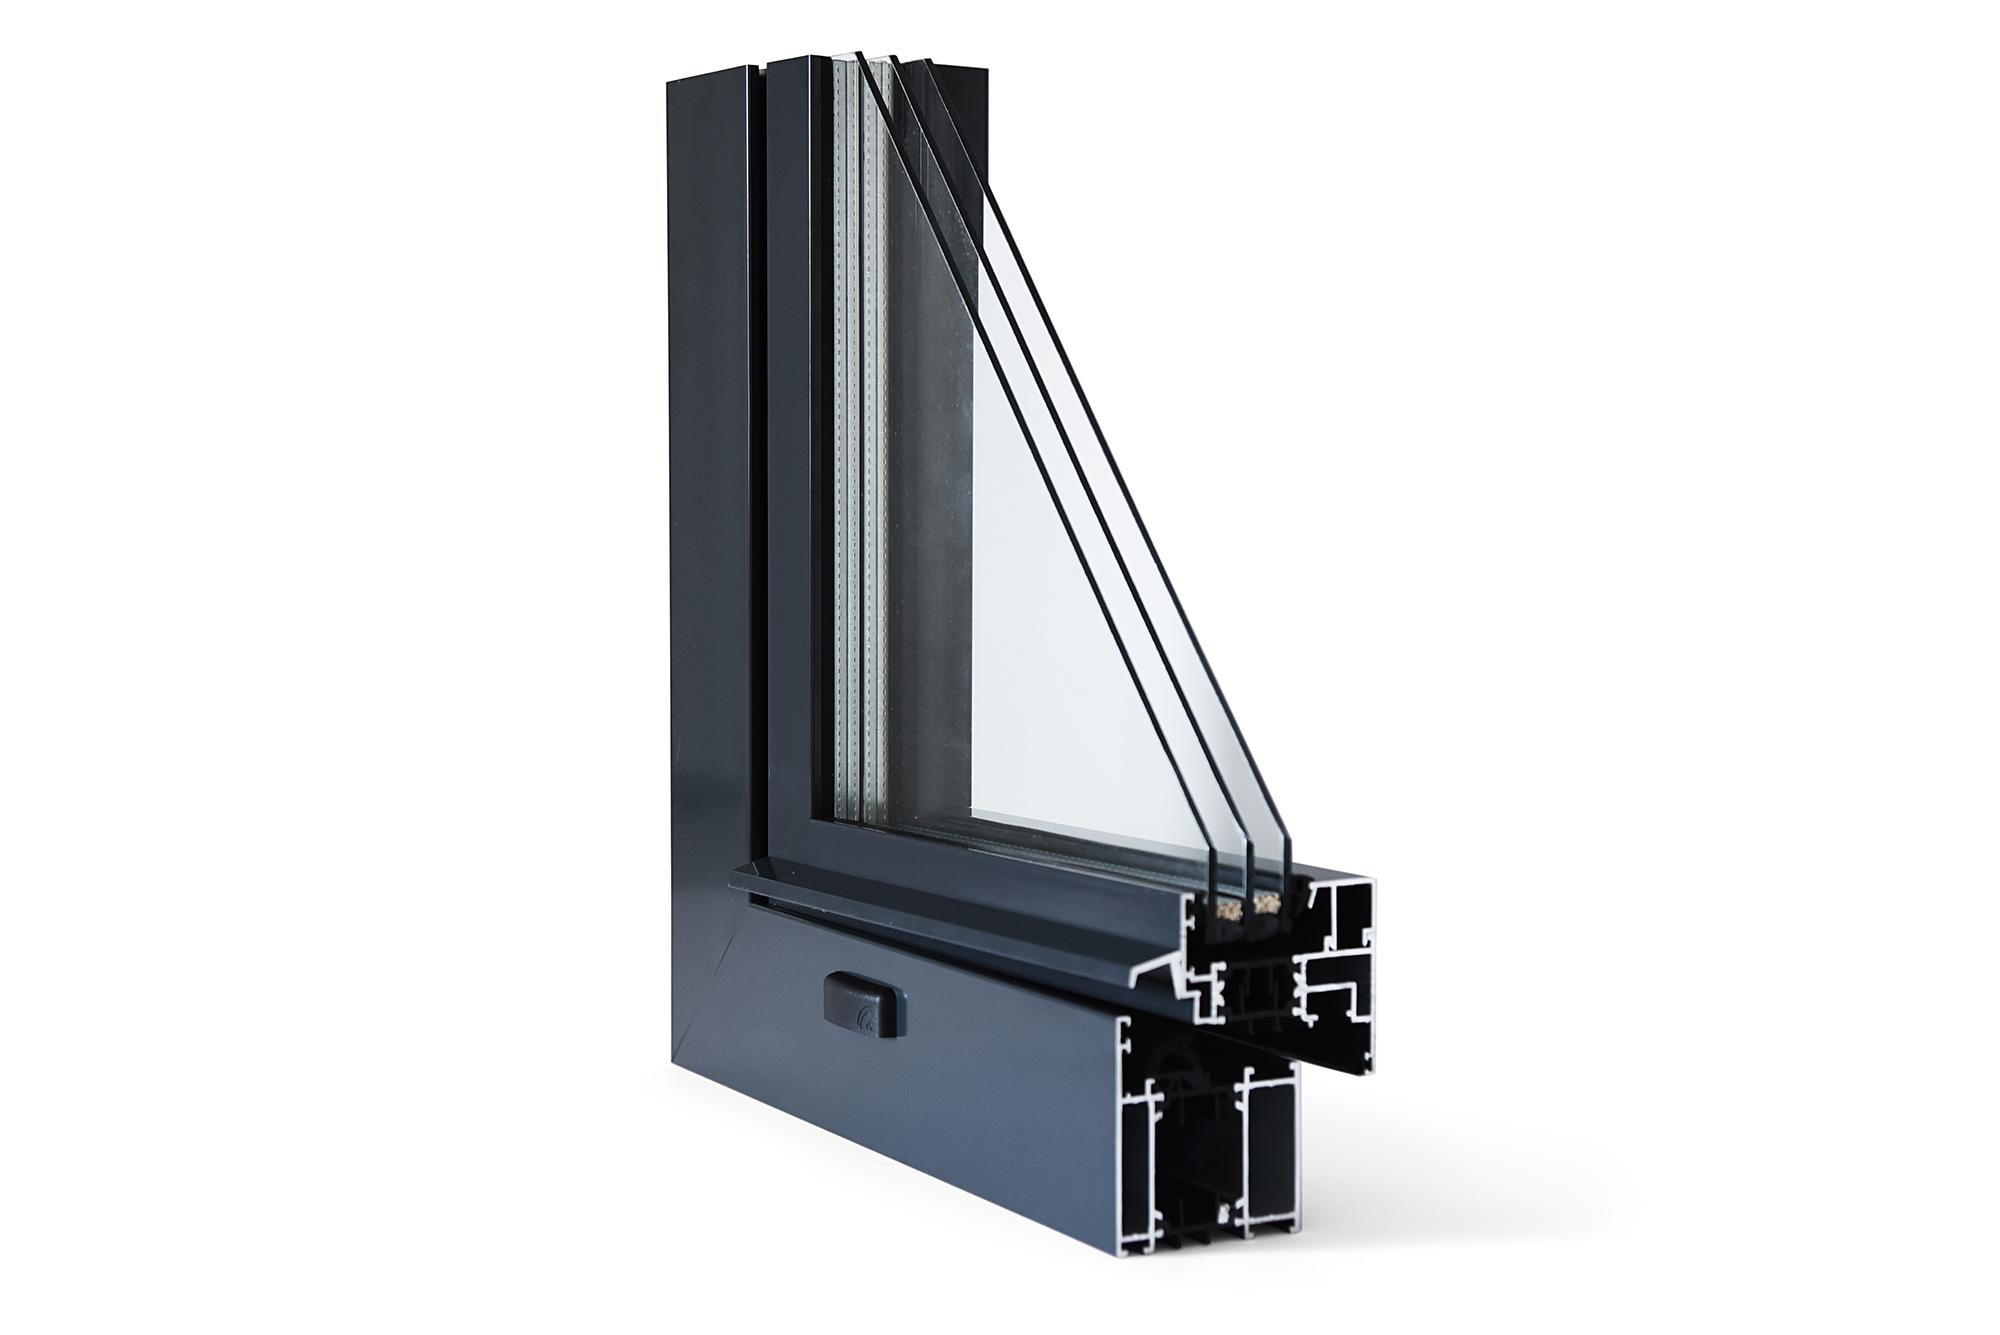 Full Size of Fenster Drutex Aluminiumfenster Drutealu Mb 70 Ral7016 Anthrazitgrau Folie Für Velux Kaufen Einbruchschutz Nachrüsten Schüco Rolladen Einbruchsicherung Fenster Fenster Drutex